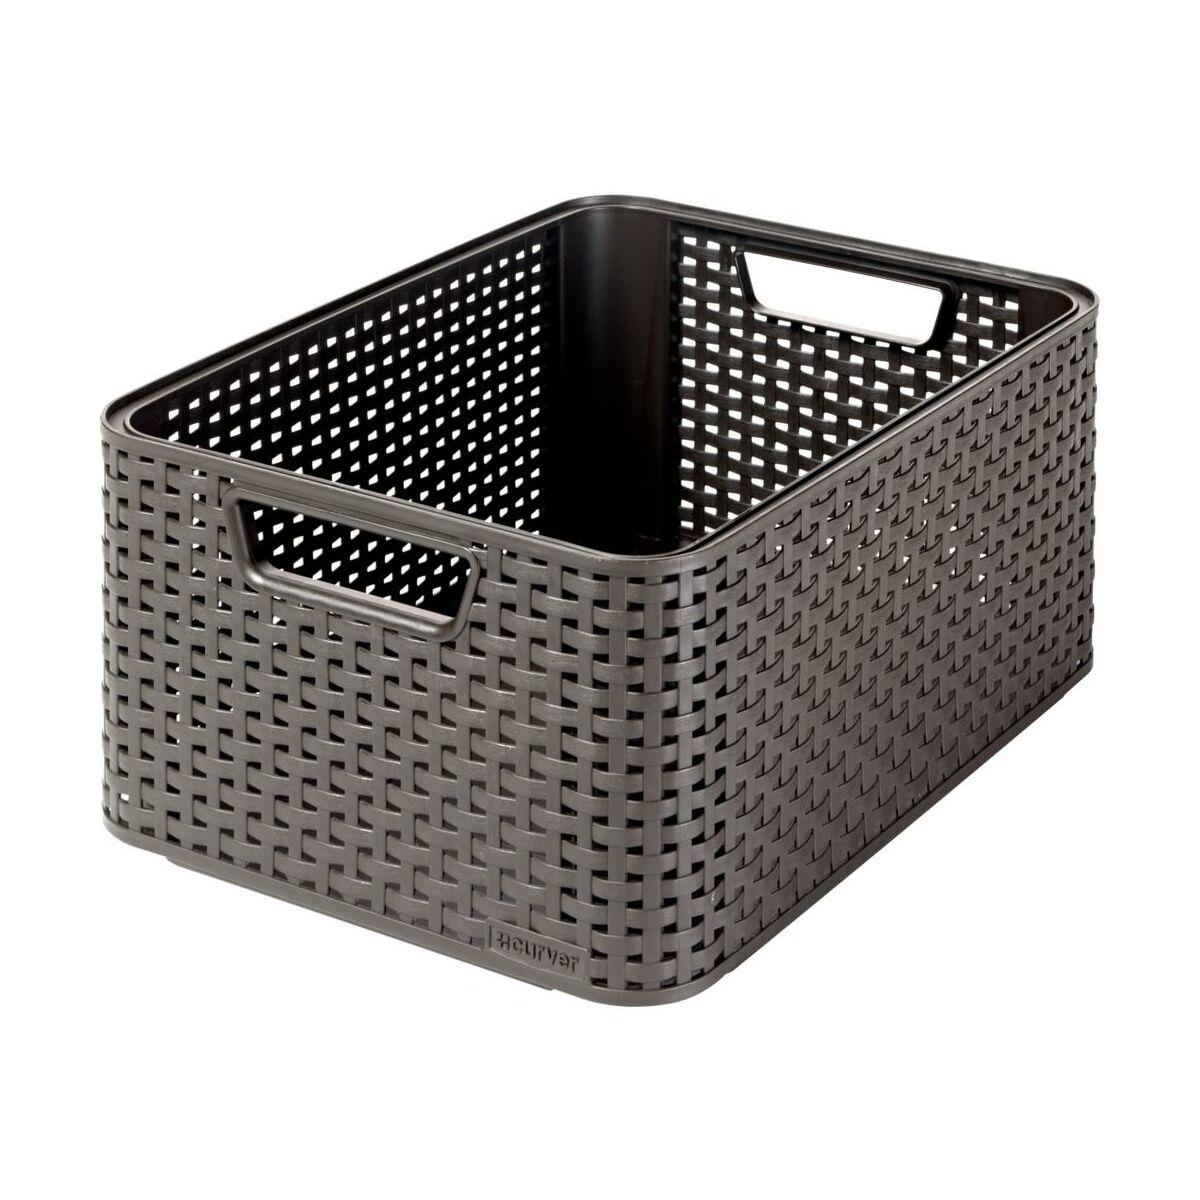 Koszyk rattan style curver pud a koszyki pojemniki w atrakcyjnej cenie w sklepach leroy - Divano rattan leroy merlin ...